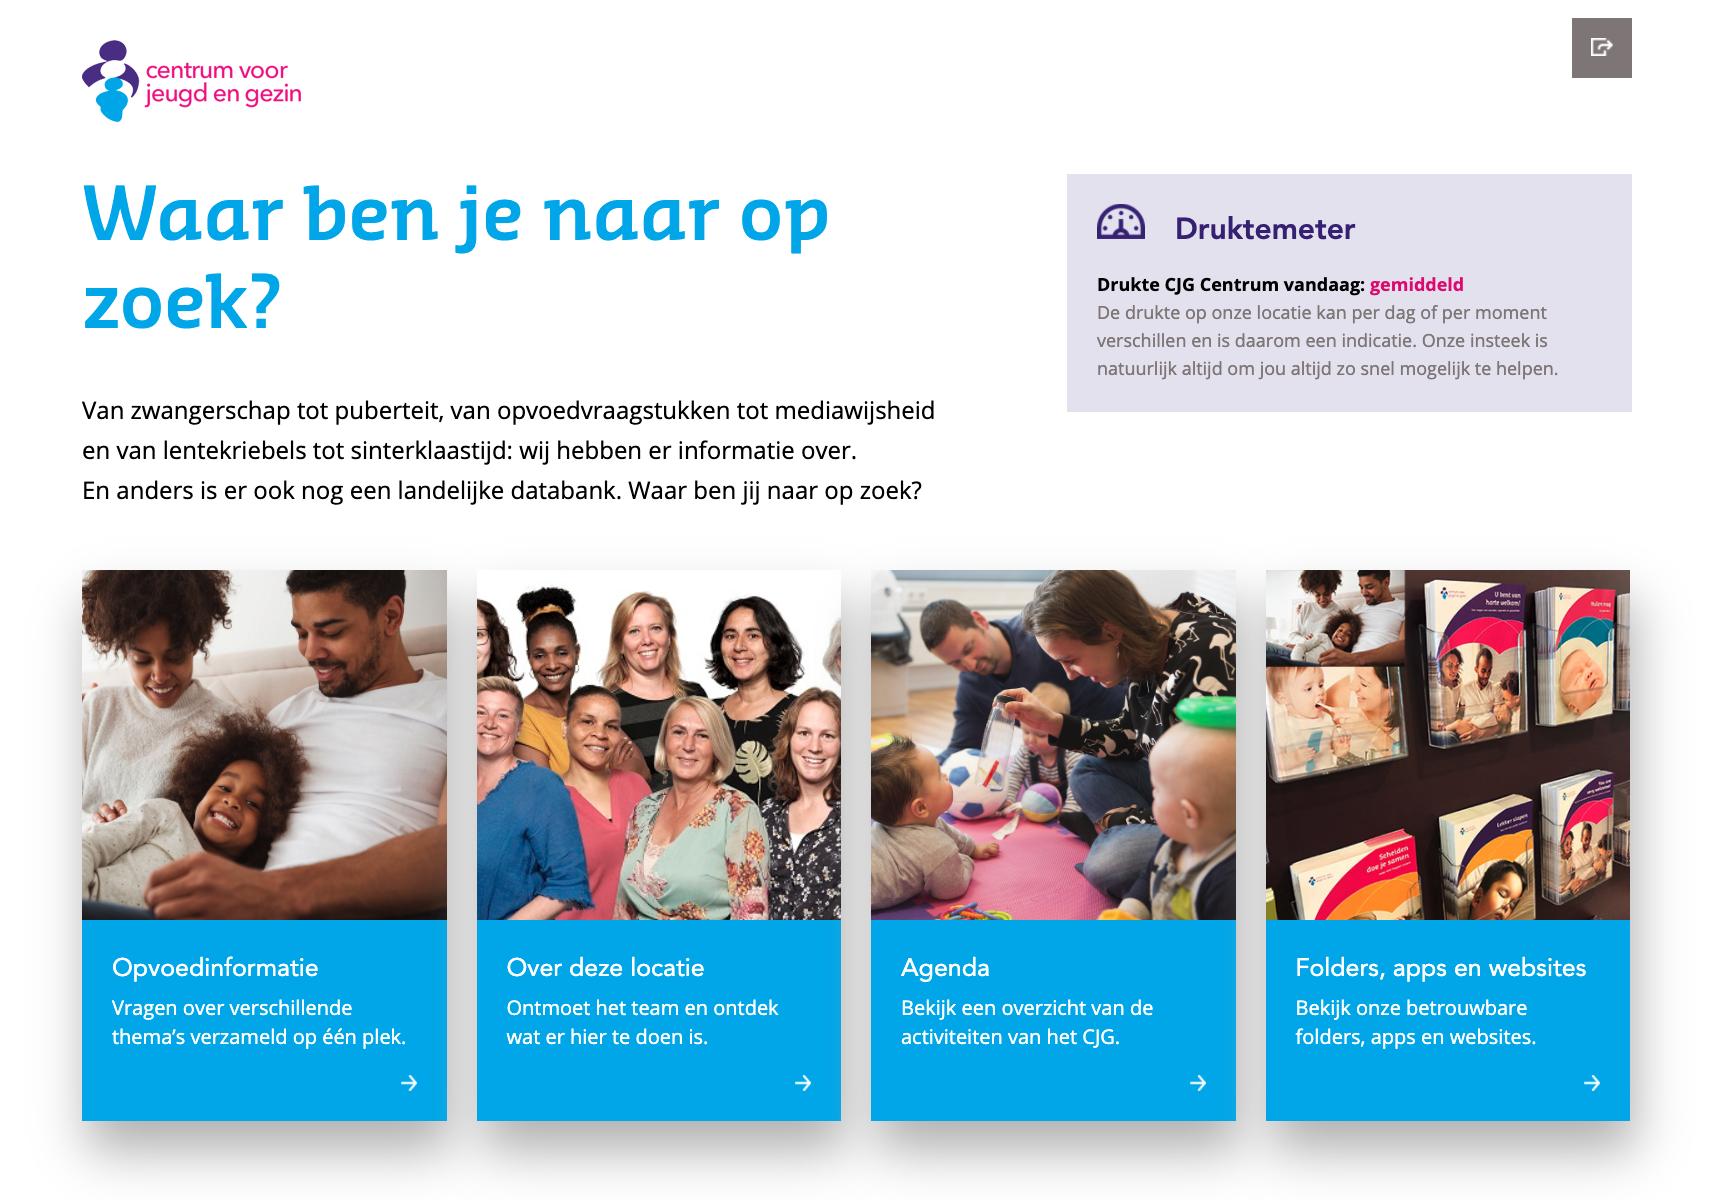 afbeelding van centrum voor jeugd en gezin webapplicatie tablet menu met opties